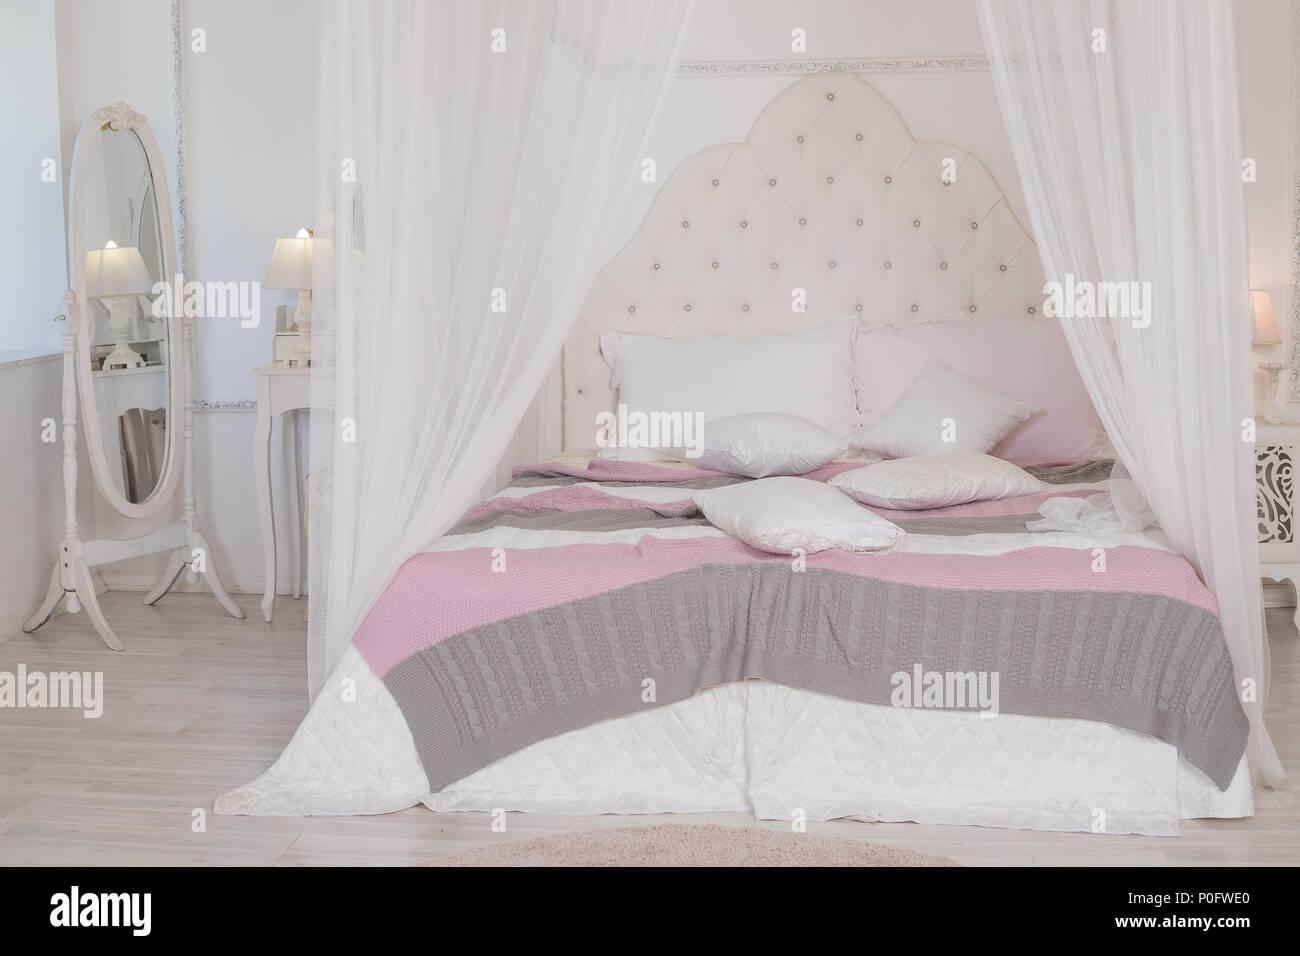 Letto grande con graziosi letti pastello nella donna di camera. Camera da letto moderno in colori pastello. letto a baldacchino.semplicità scandinava di design. Eco appartamenti loft. Immagini Stock